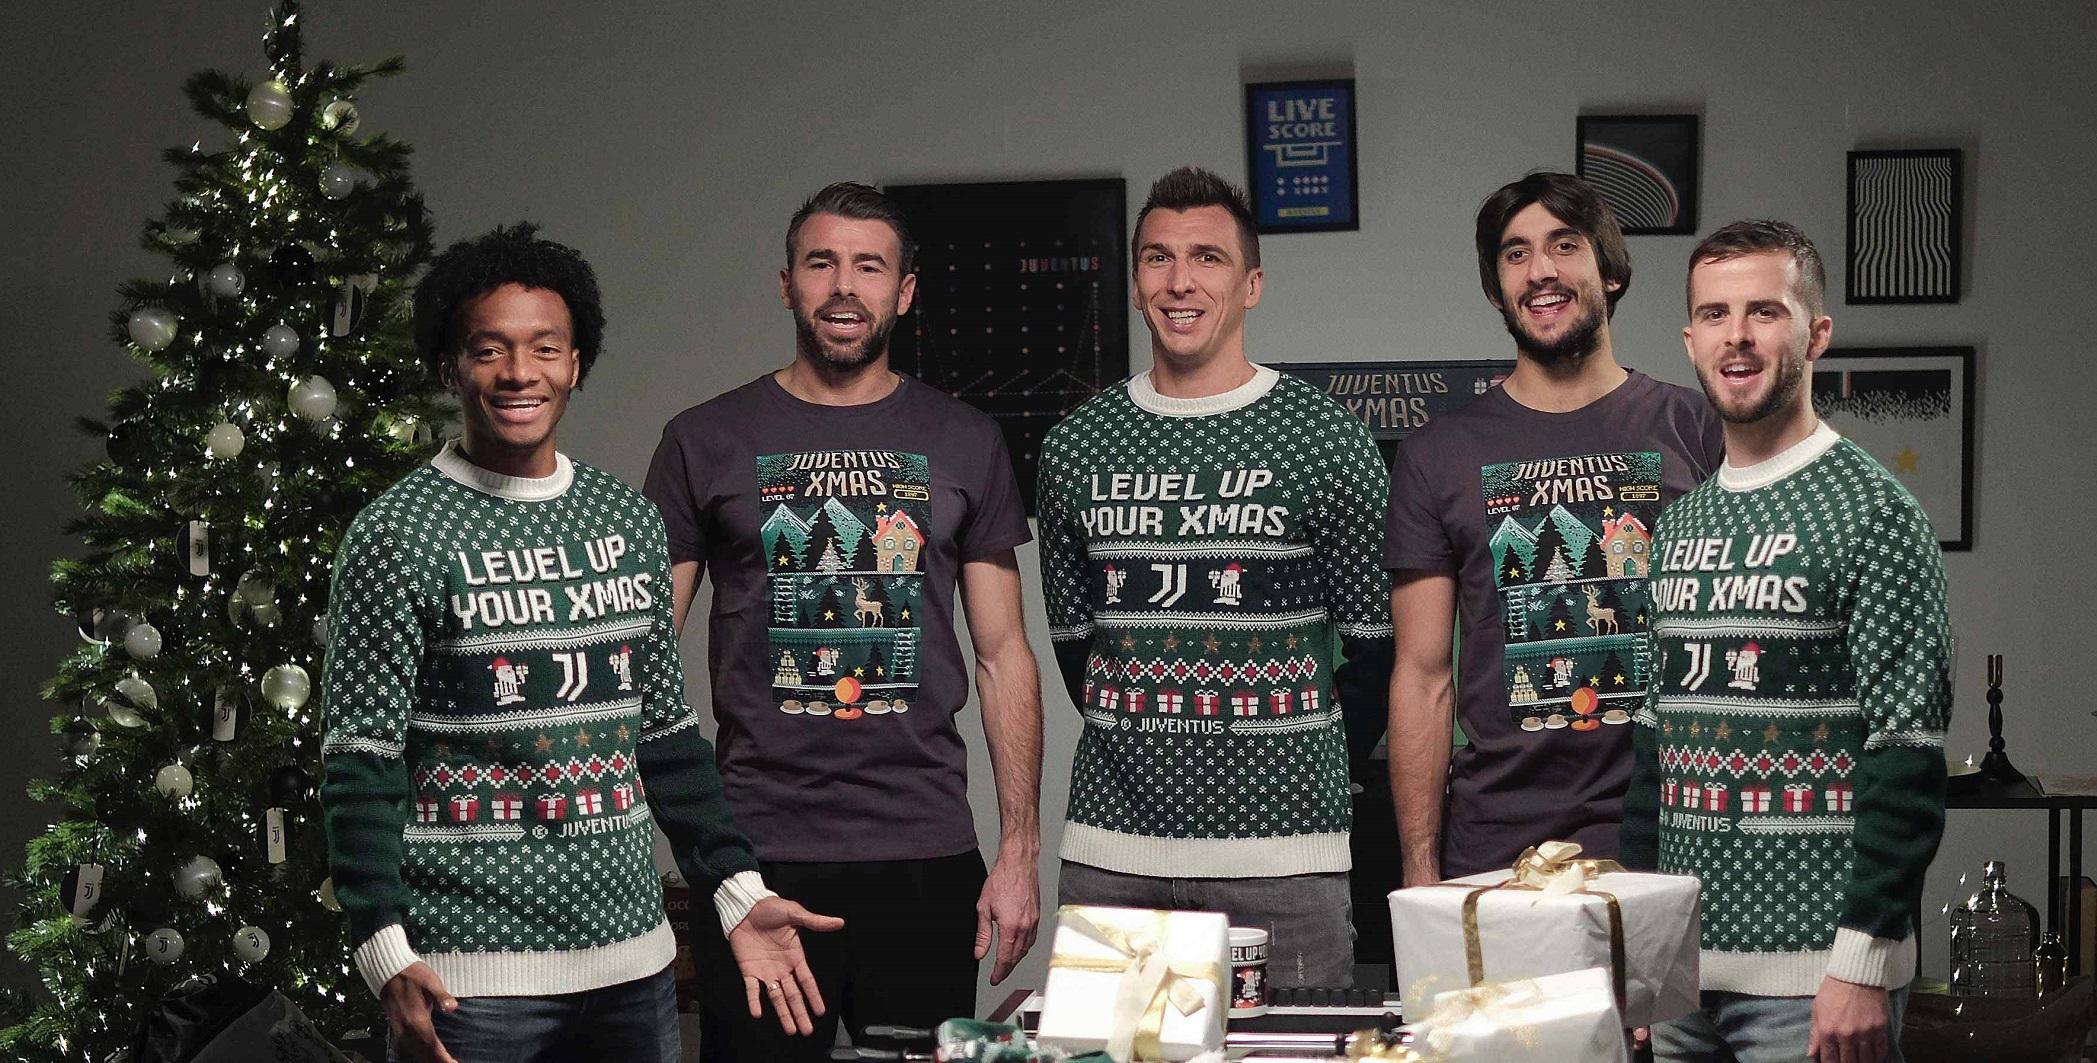 Discorsi Di Auguri Per Natale.I Migliori Auguri Di Natale Delle Squadre Di Calcio L Ultimo Uomo